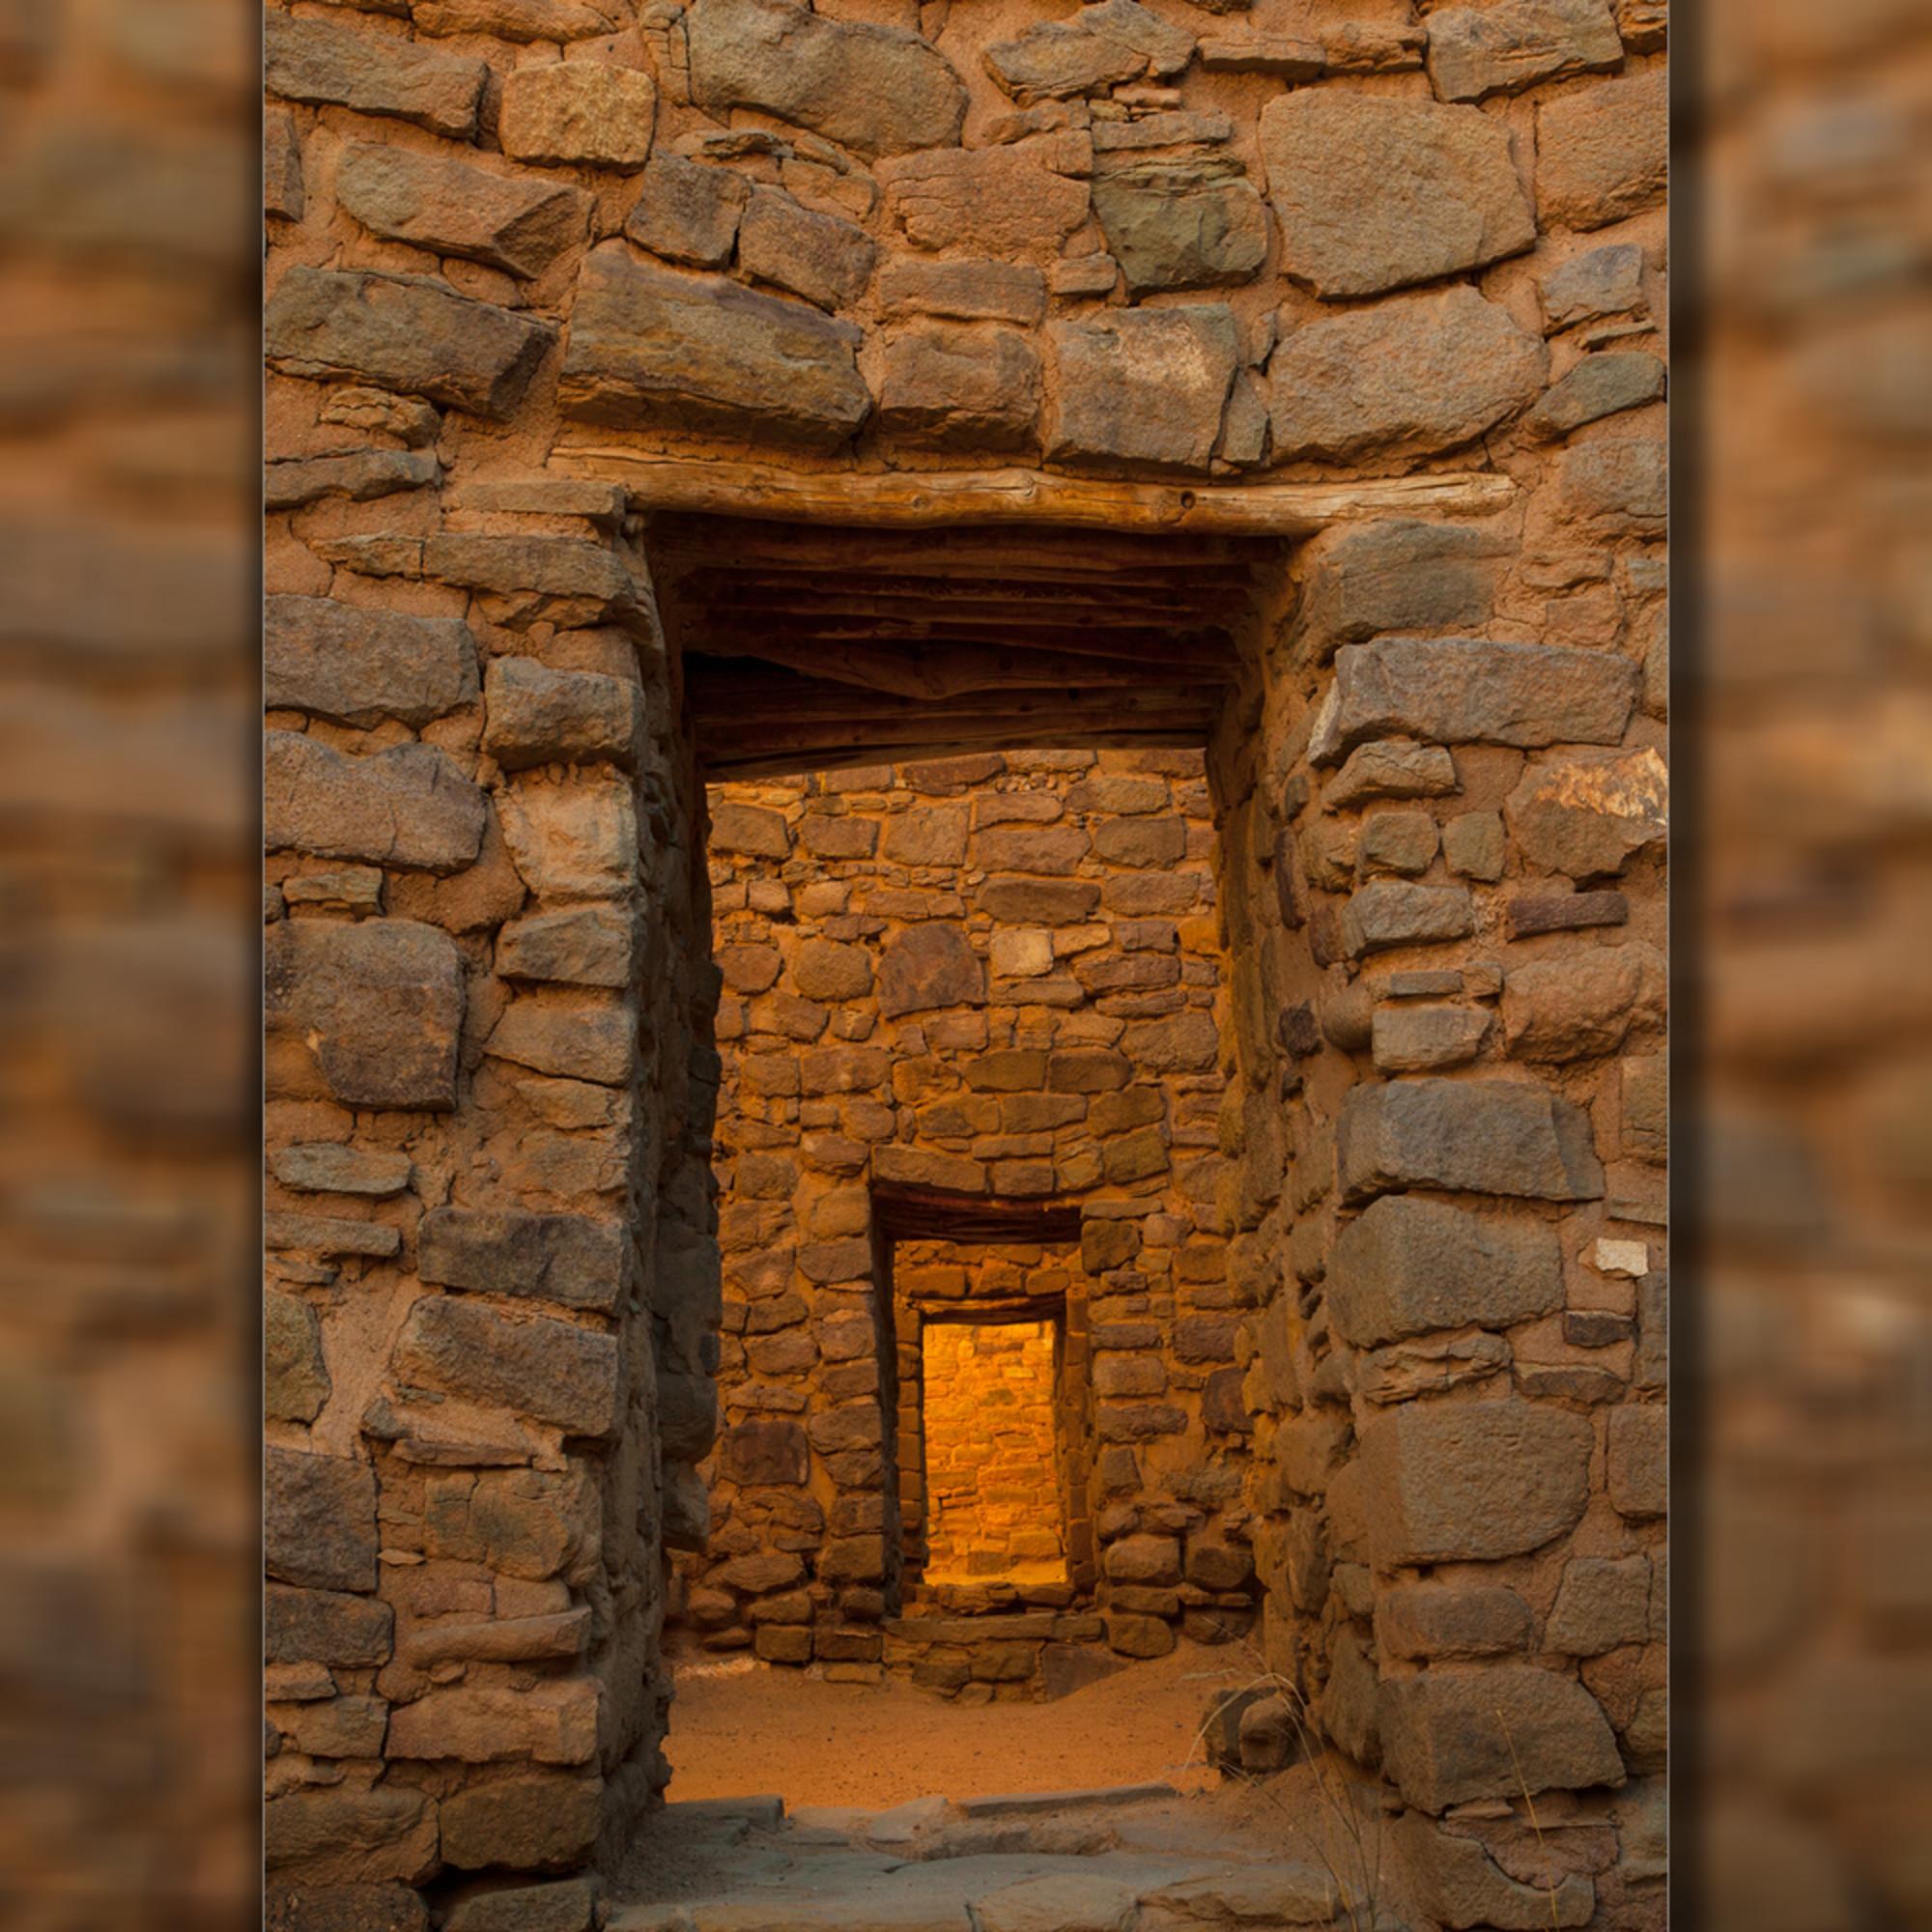 Aztec doorway pano 3d dnty4c